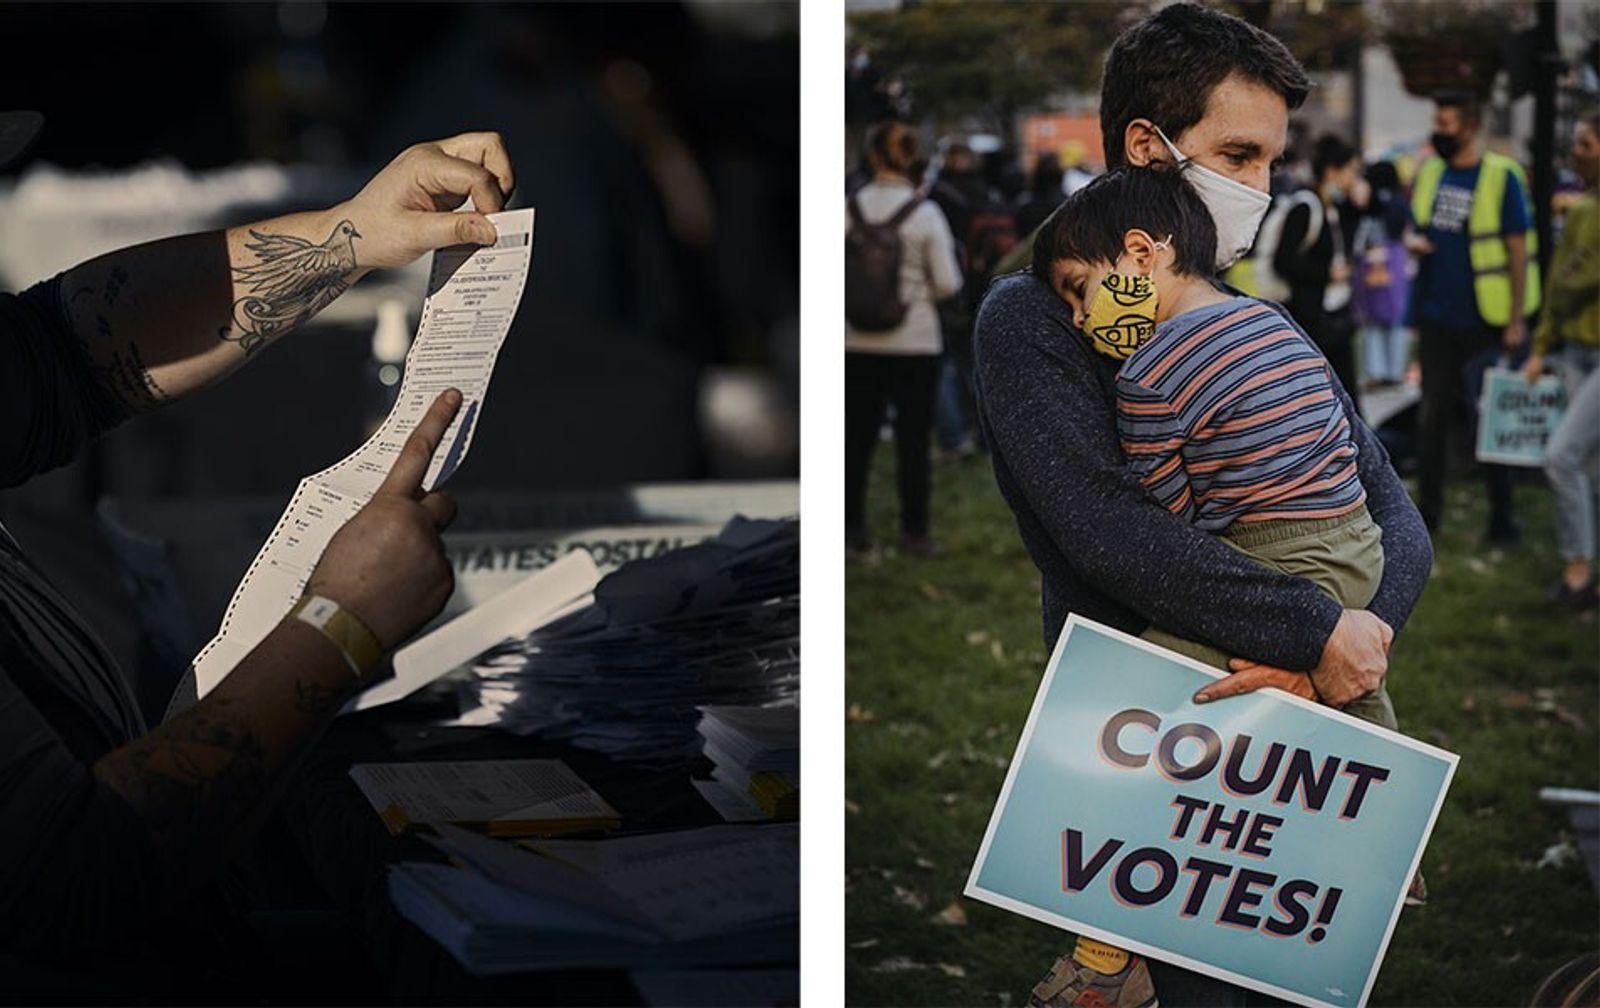 Esquerda: Funcionários do condado de Fulton contavam boletins de voto na manhã de quinta-feira, na State ...